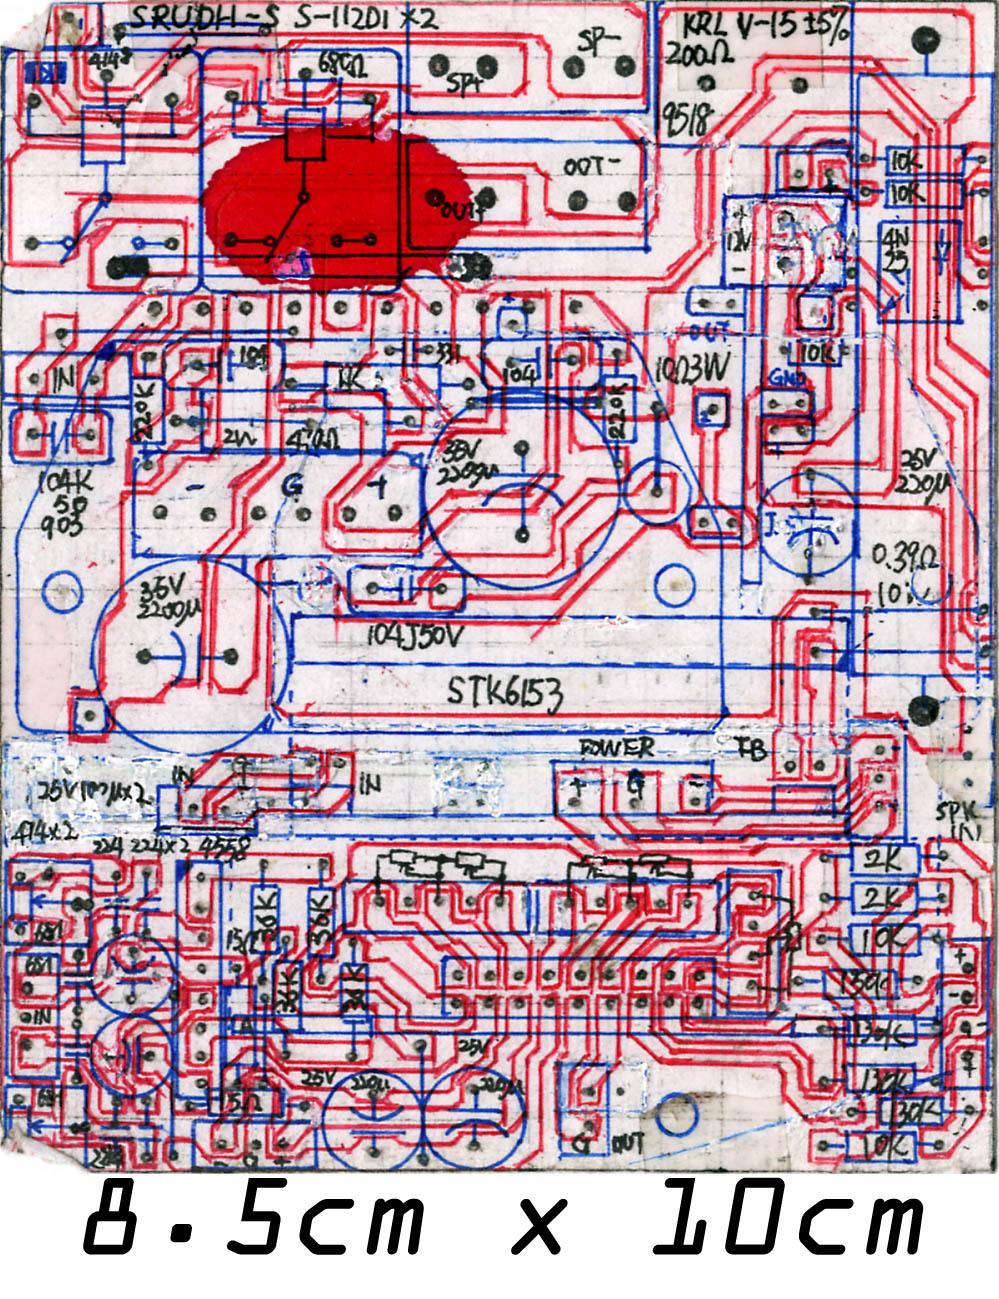 我的手绘板-电源网